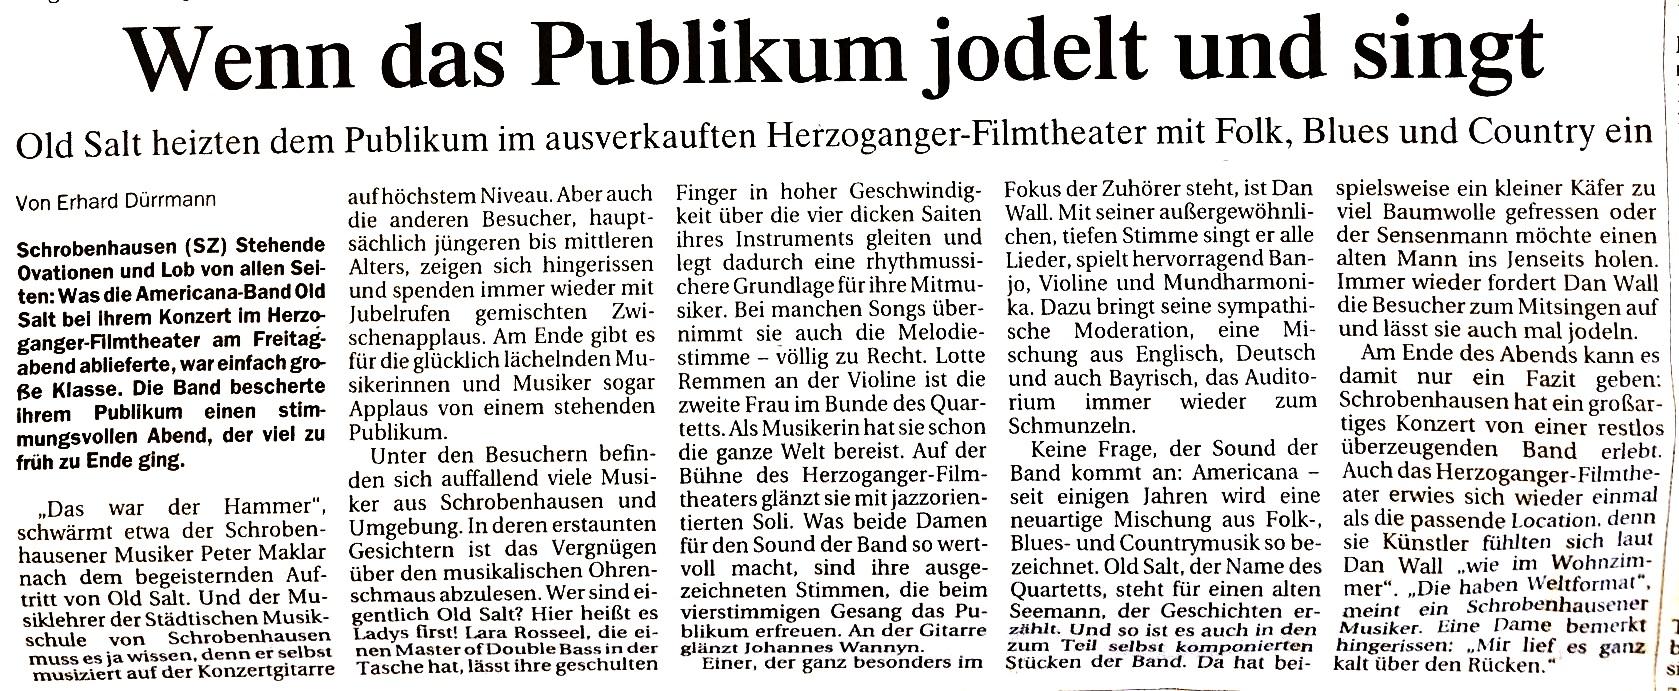 Schrobenhausener Zeitung -  May 2018